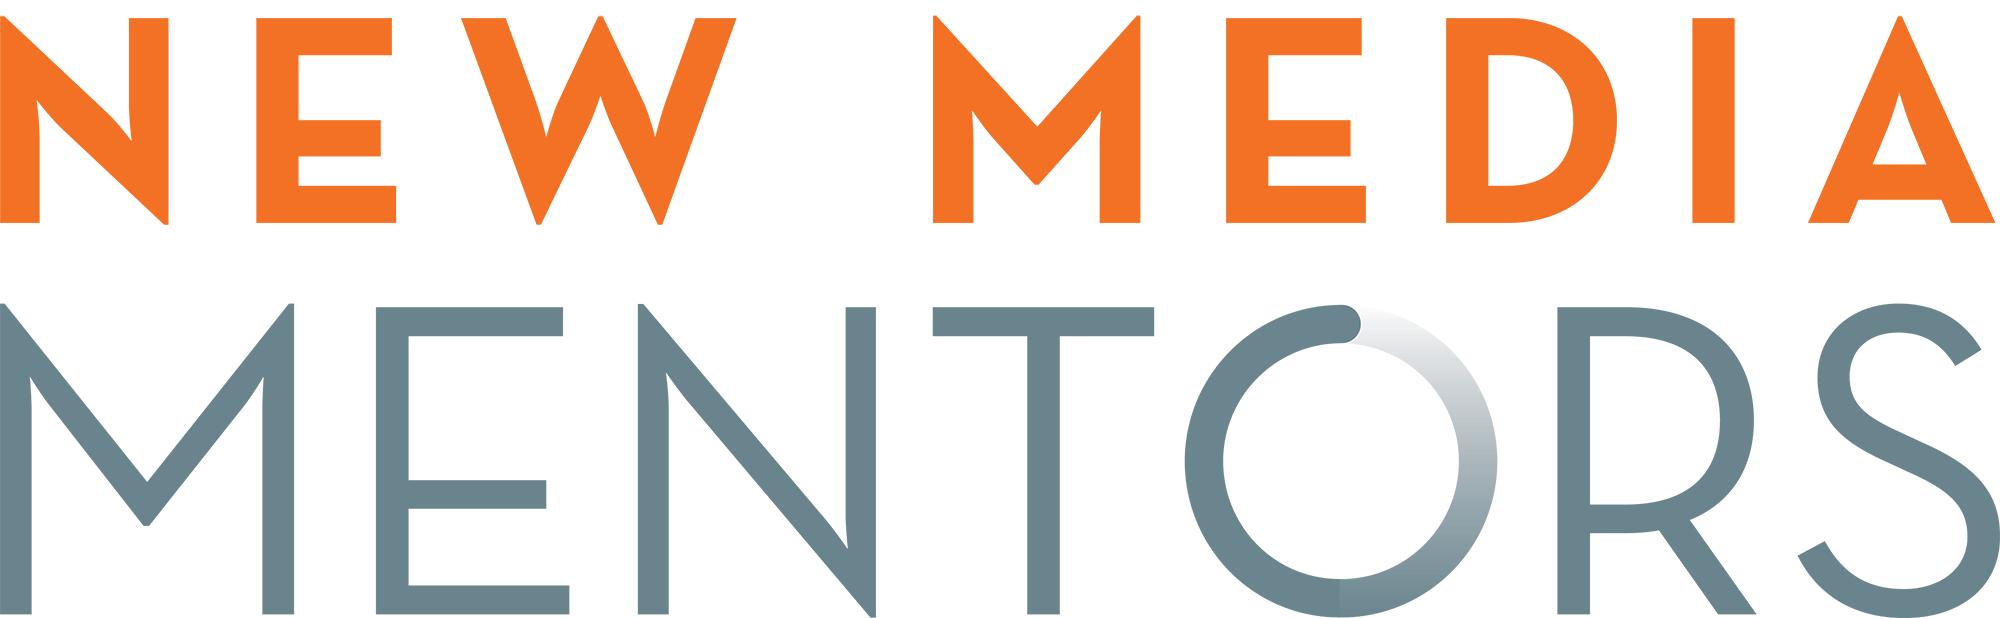 New Media Mentors